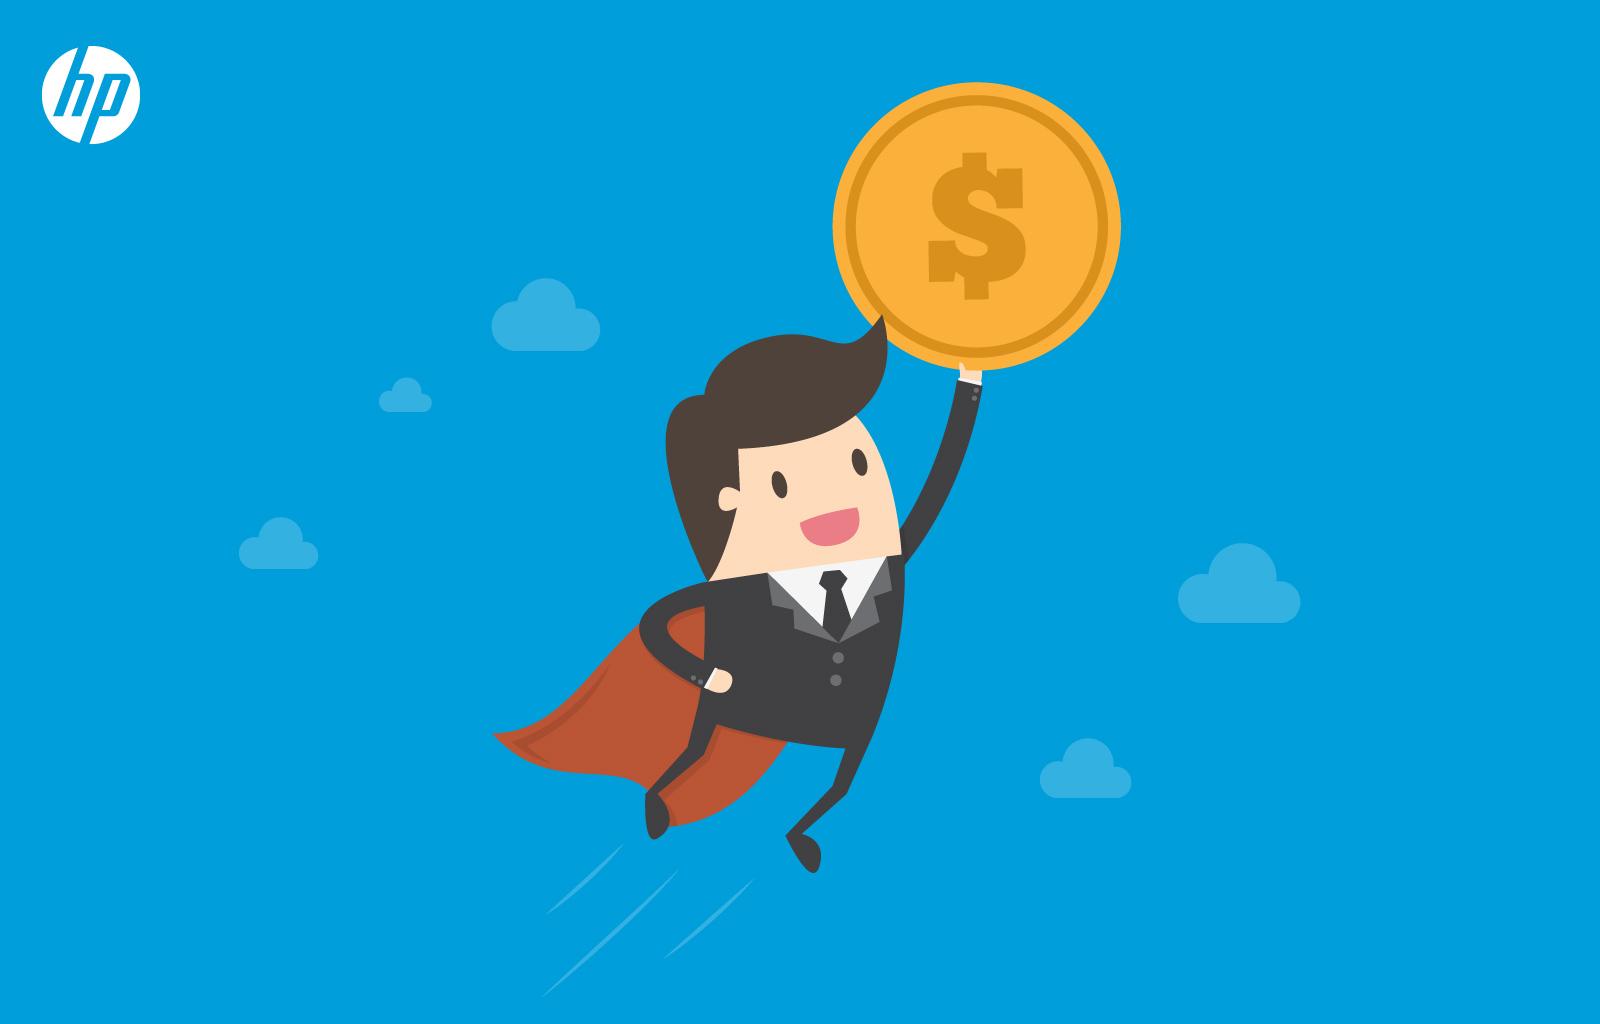 gráfico hombre con traje y capa de super héroe sosteniendo moneda con signo de dinero